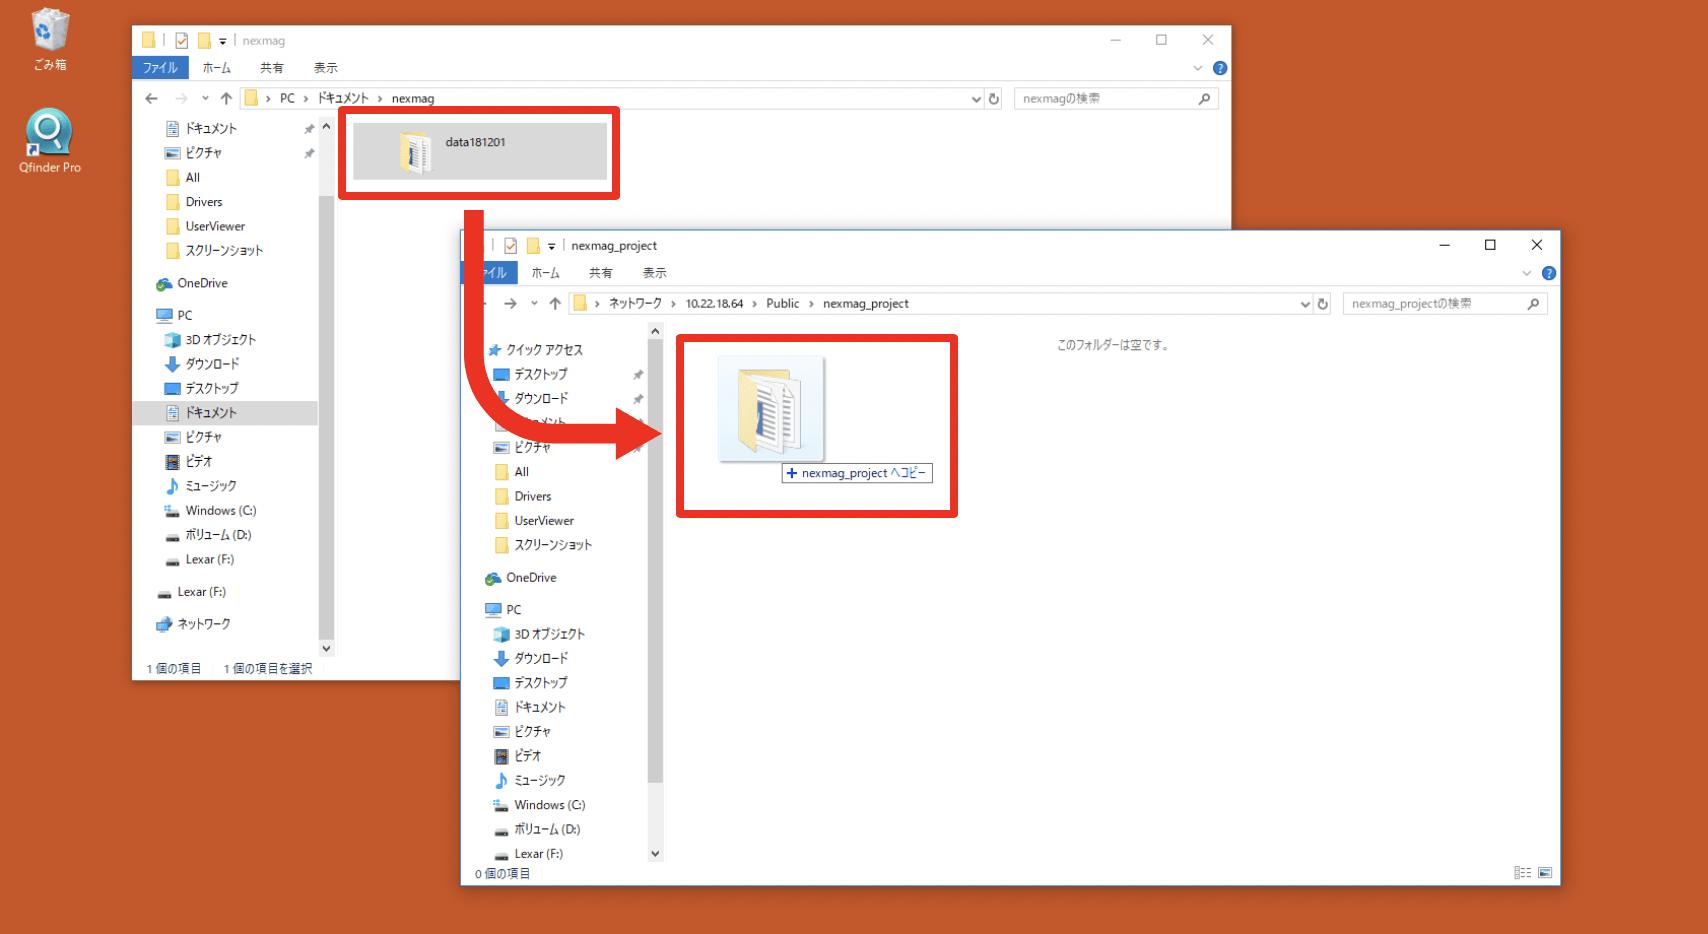 通常のエクスプローラーと同様にファイルの移動等が可能